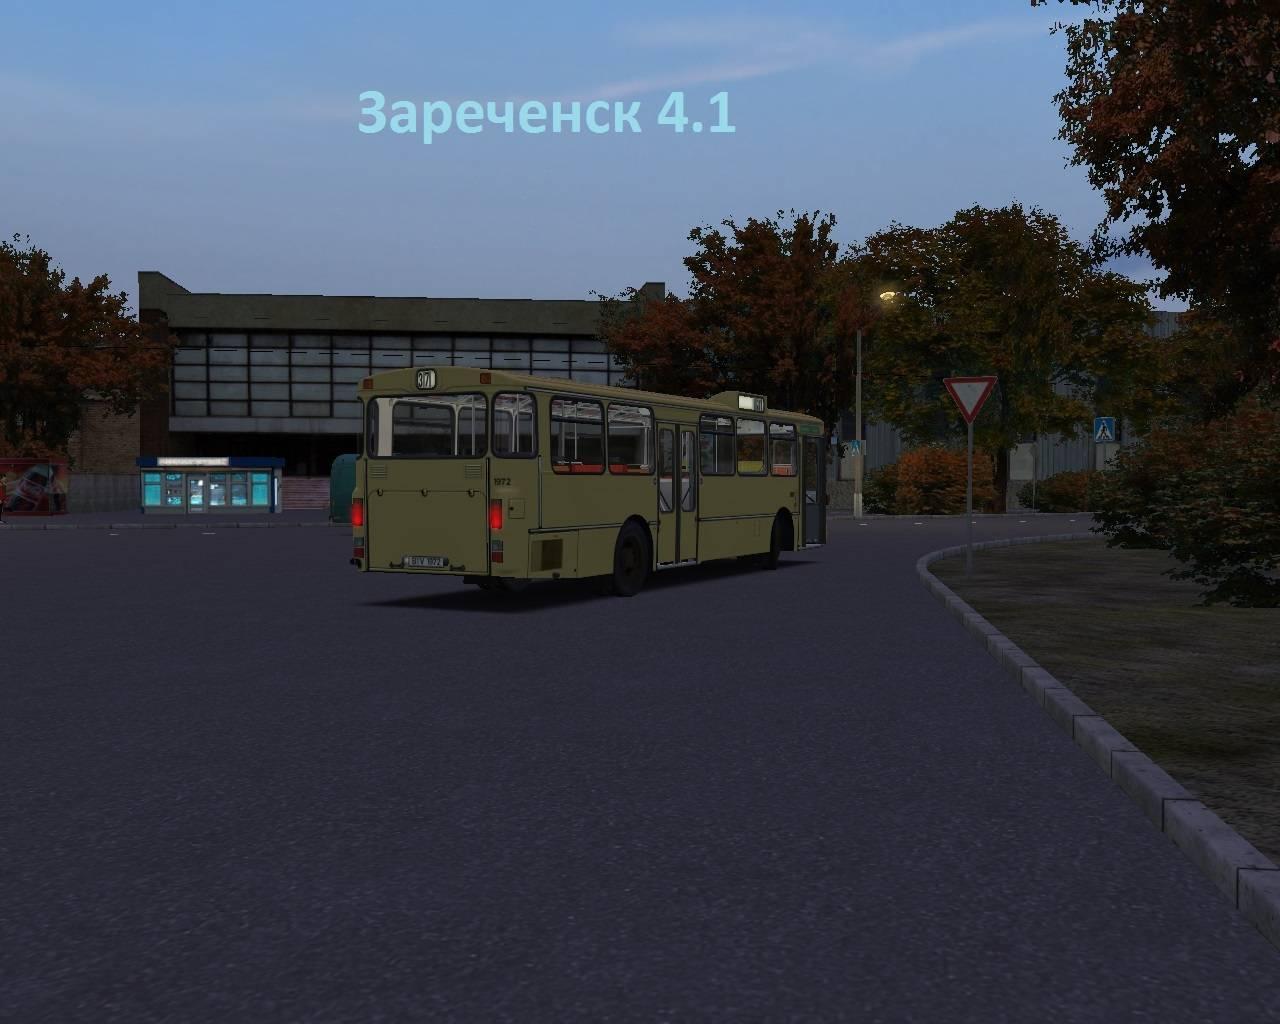 Зареченск 4.1 (одним архивом!)